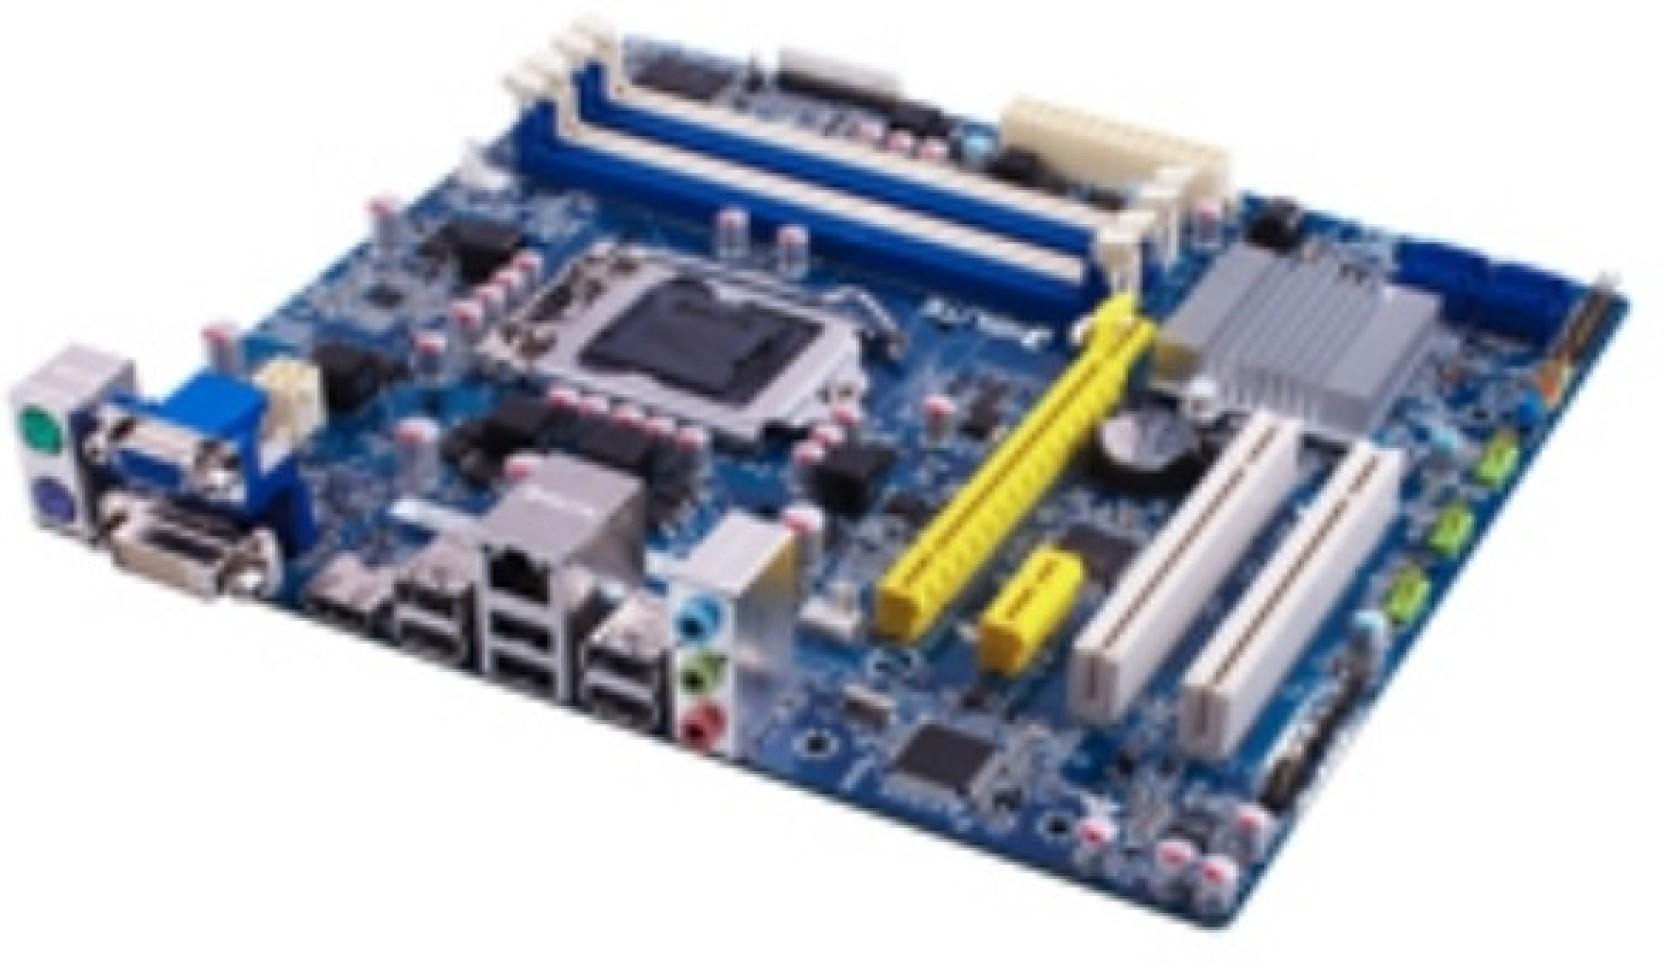 Digilite Dl-h61m-vg4 Motherboard